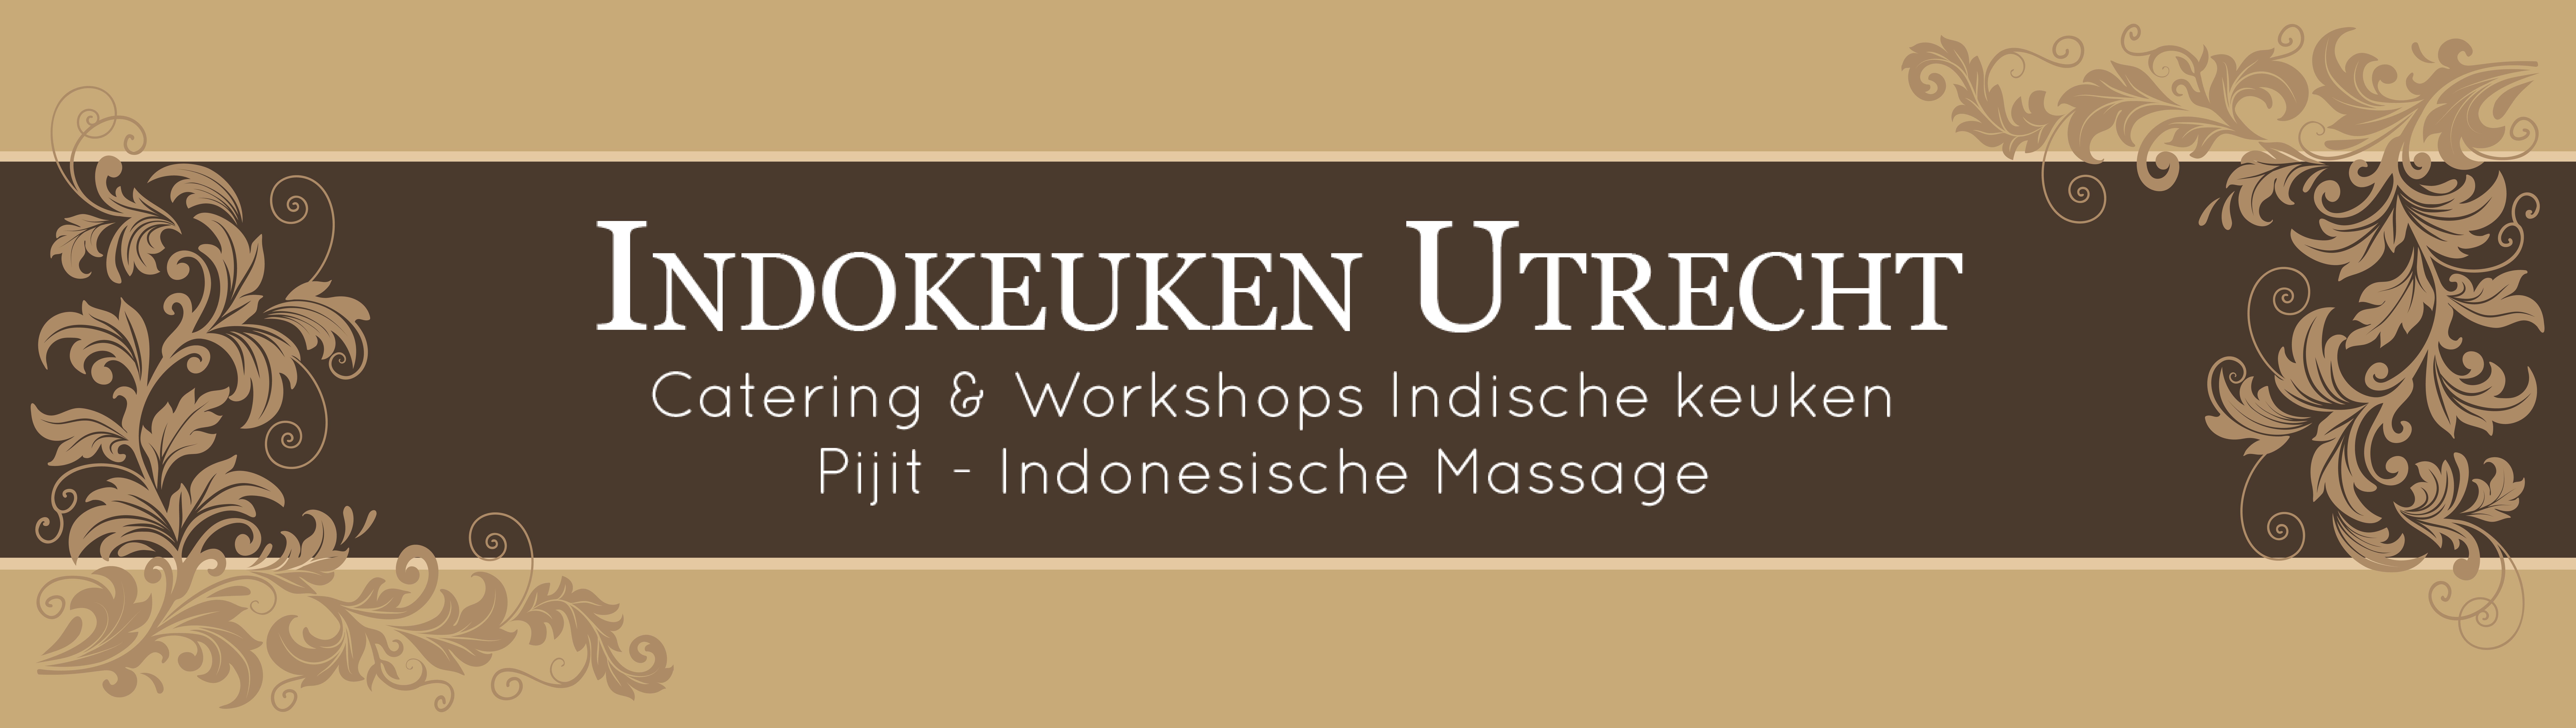 kookworkshops, catering en pitjit uit de Indisch-Indonesische keuken